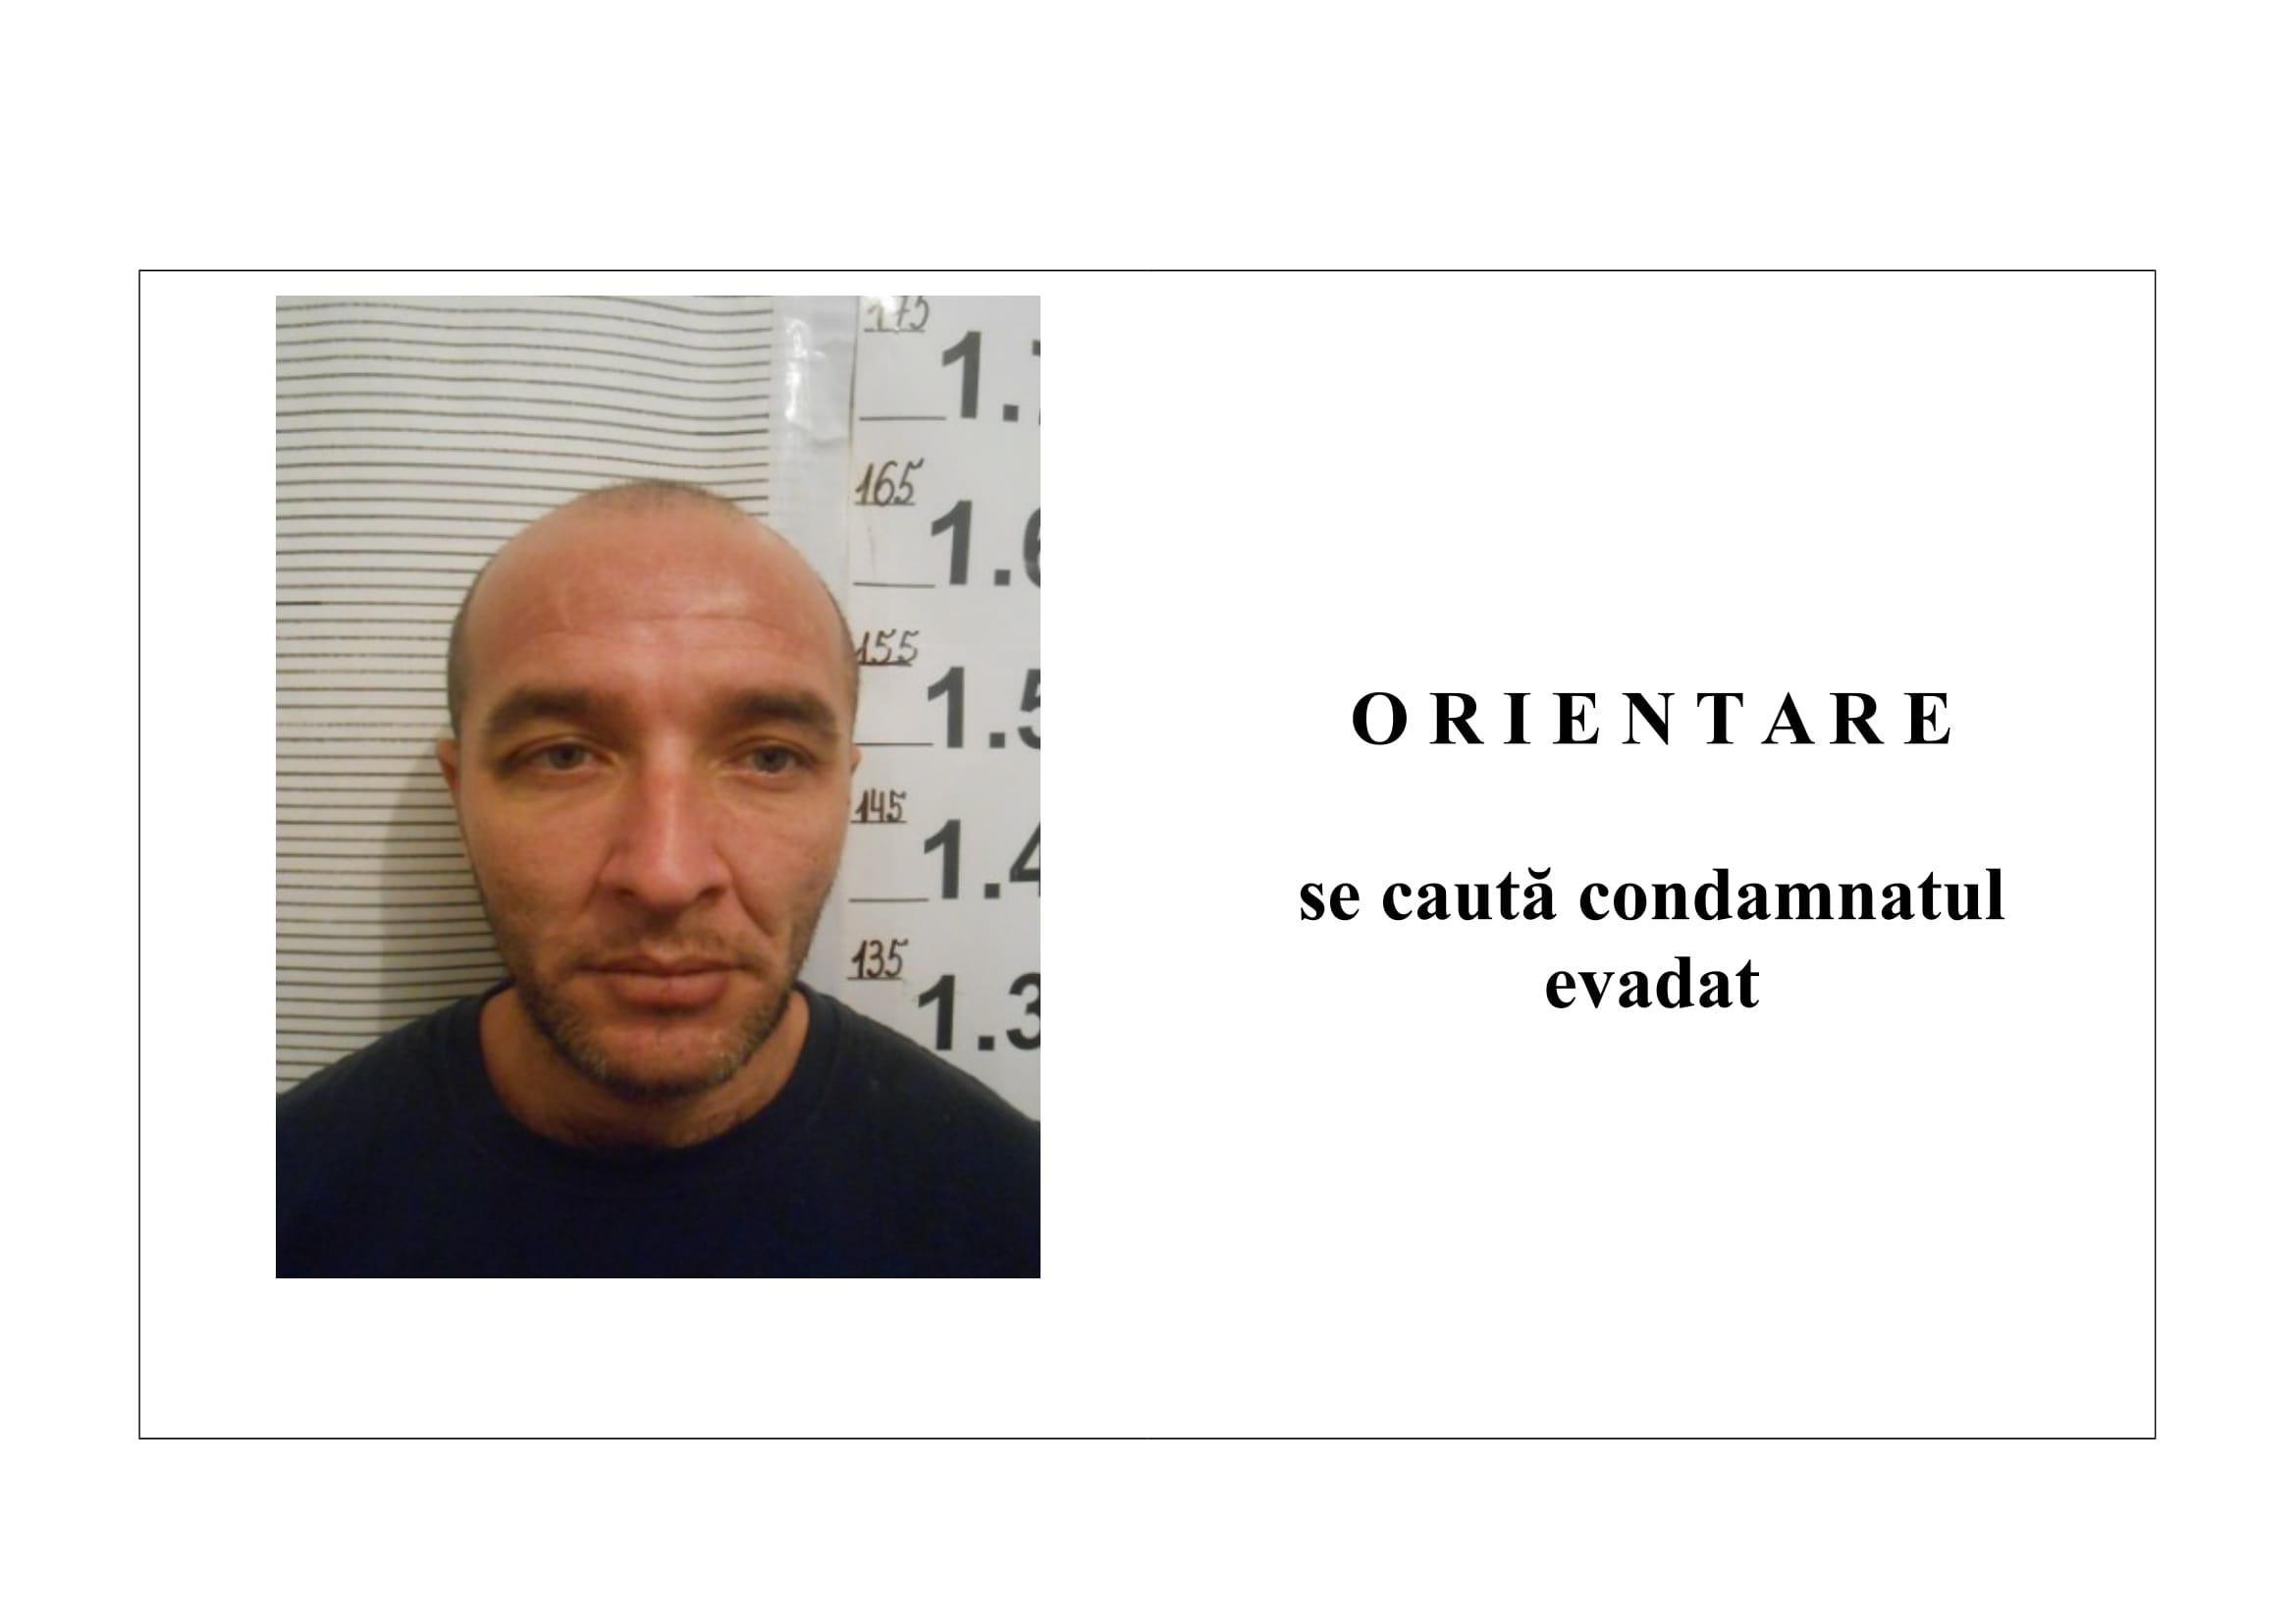 Из тюрьмы в Крикова сбежал заключенный